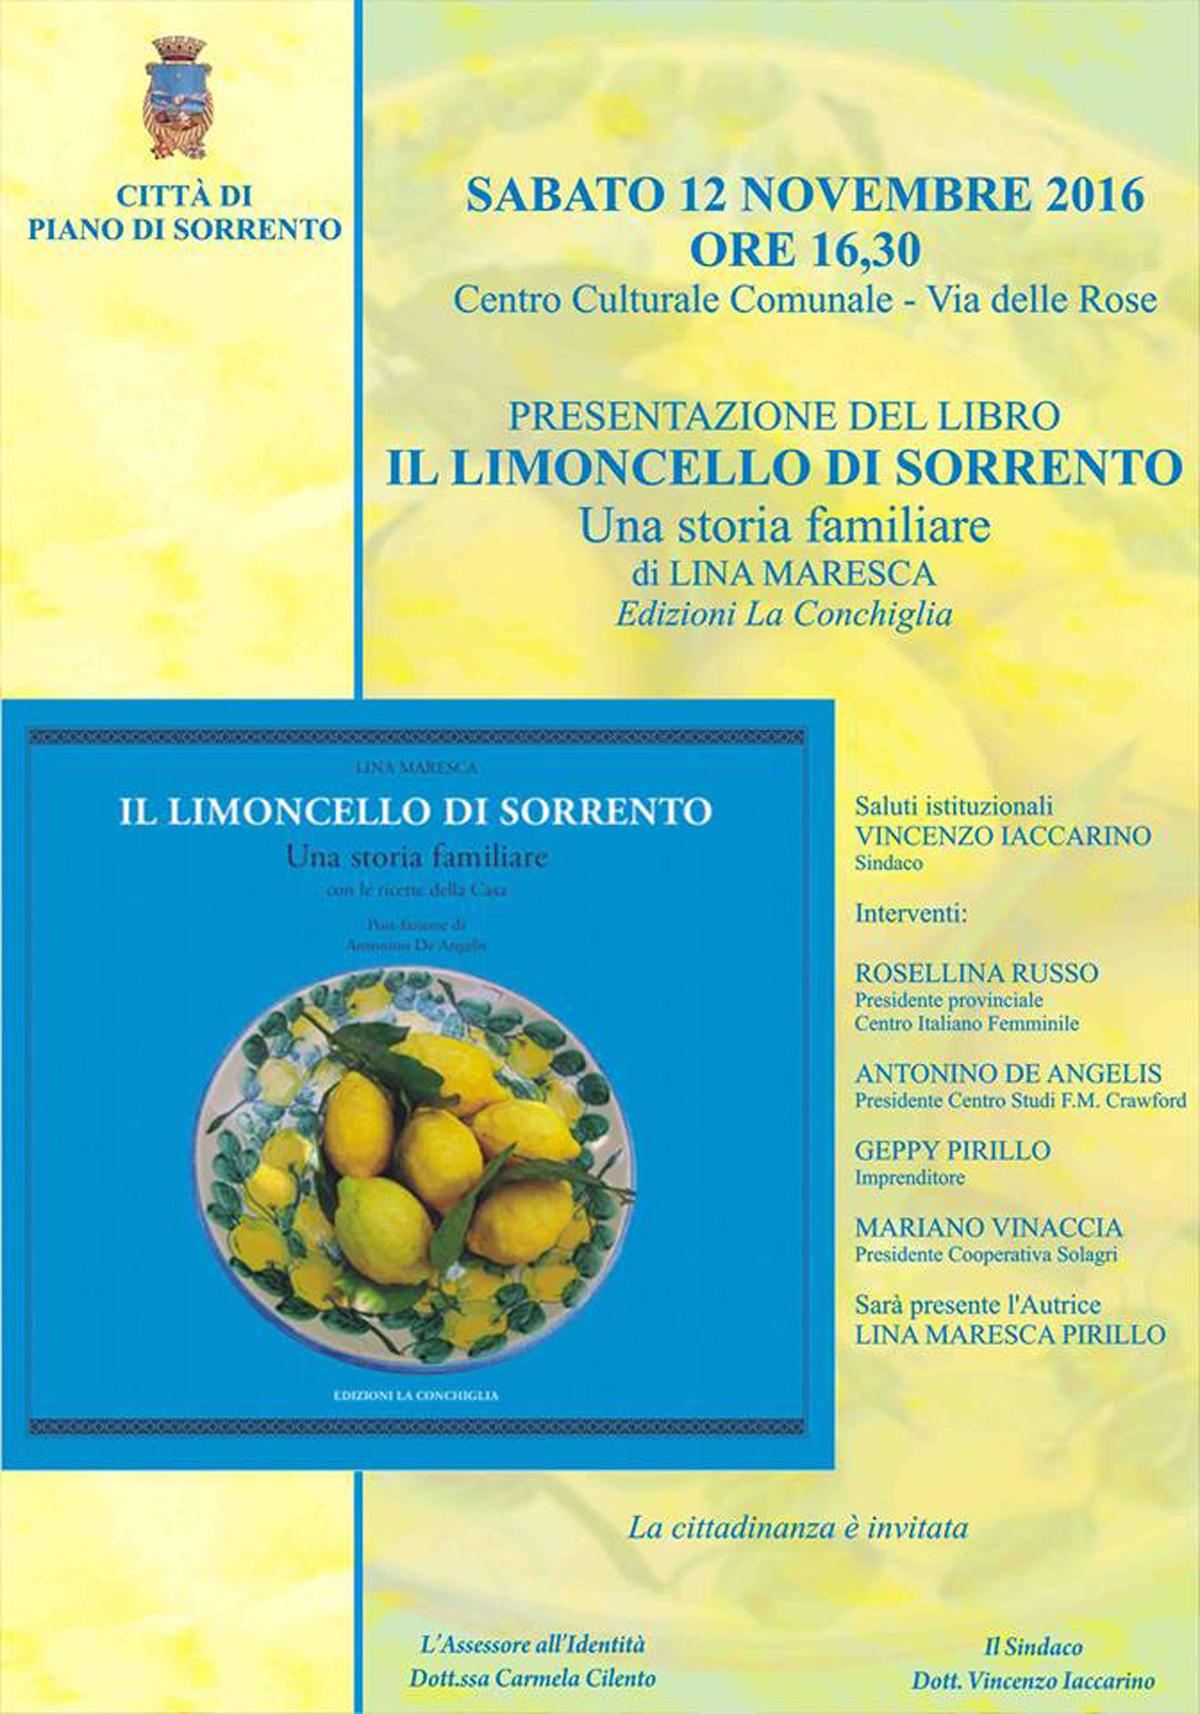 """Presentazione """"Il limoncello di Sorrento - una storia familiare"""" di Lina Maresca a Piano di Sorrento, sabato 12 novembre 2016"""